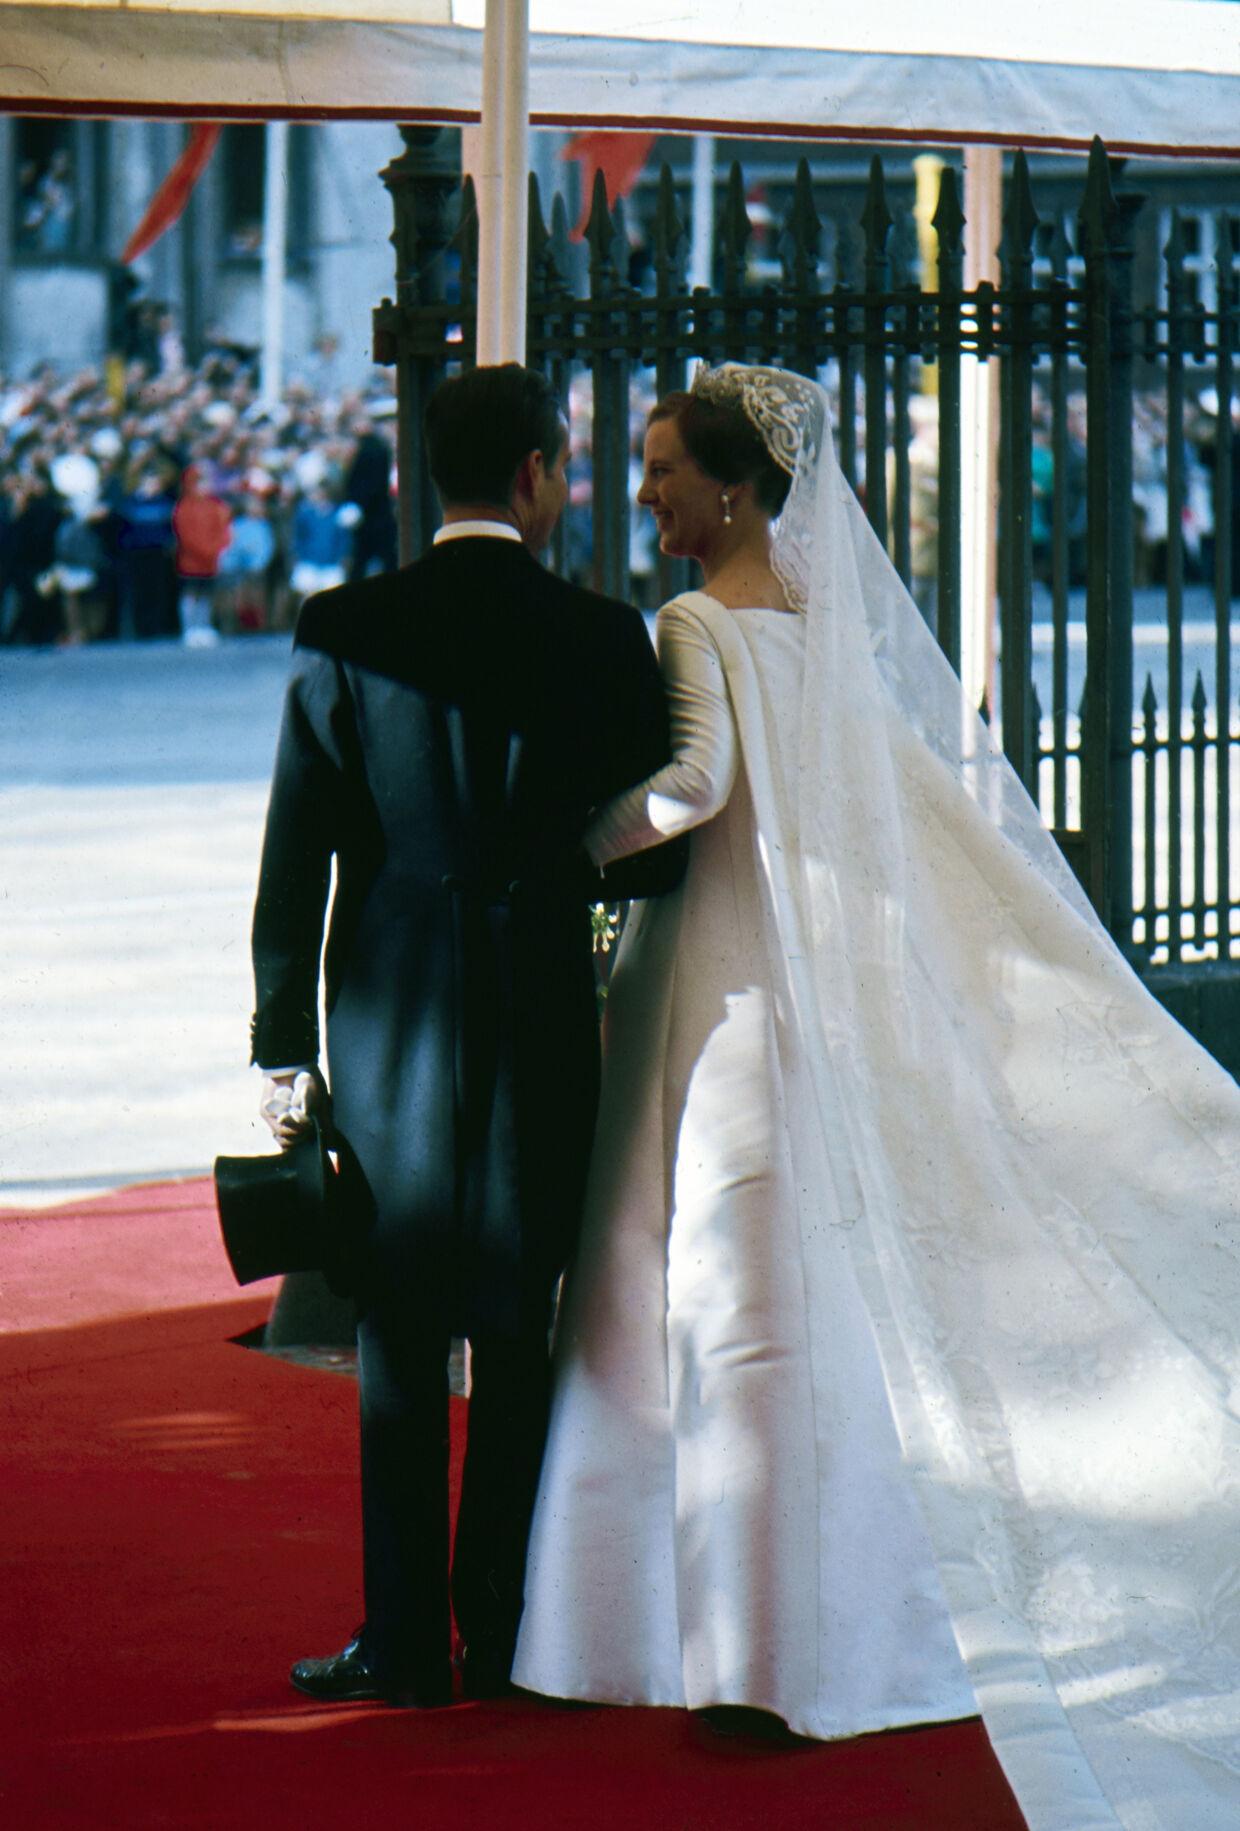 Tronfølgerparrets bryllup i Holmens Kirke. Her fra brylluppet mellem tronfølger Margrethe og prins Henrik, hvor de forlader kirken.